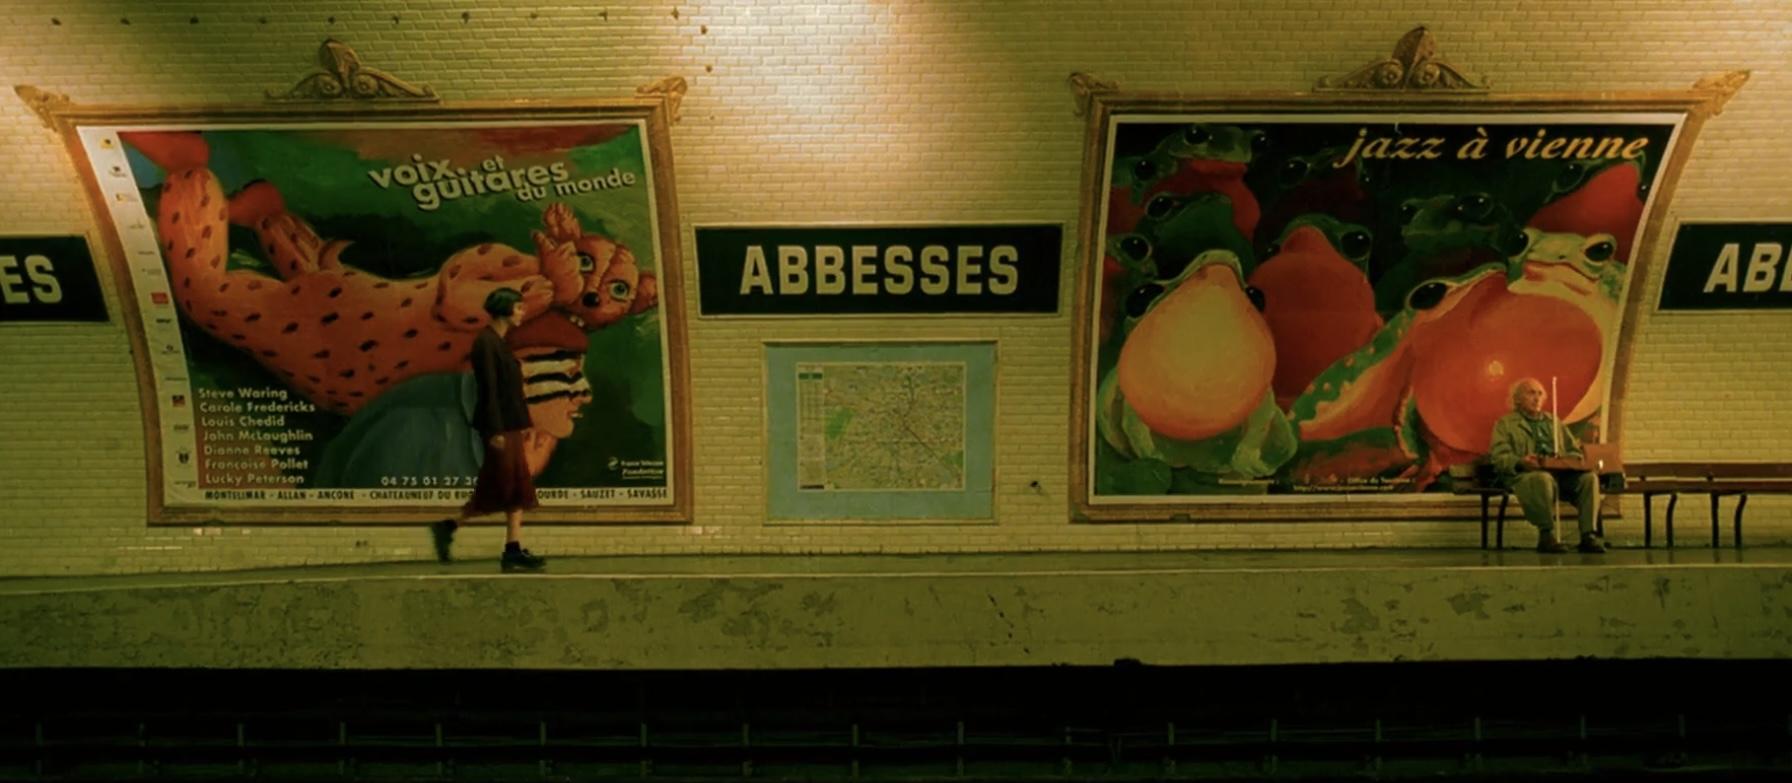 """Cena do filme O Fabuloso Destino de Amélie Poulain. A imagem mostra a personagem de Amélie caminhando por uma estação de metrô, vista de longe e de perfil. A câmera está nos trilhos, capturando as paredes da área de embarque, que é preenchida por anúncios coloridos do lado esquerdo e direito, e no centro existe uma placa escrito """"ABESSES"""". Amélie está do lado esquerdo, usando um vestido vermelho e botas pretas."""